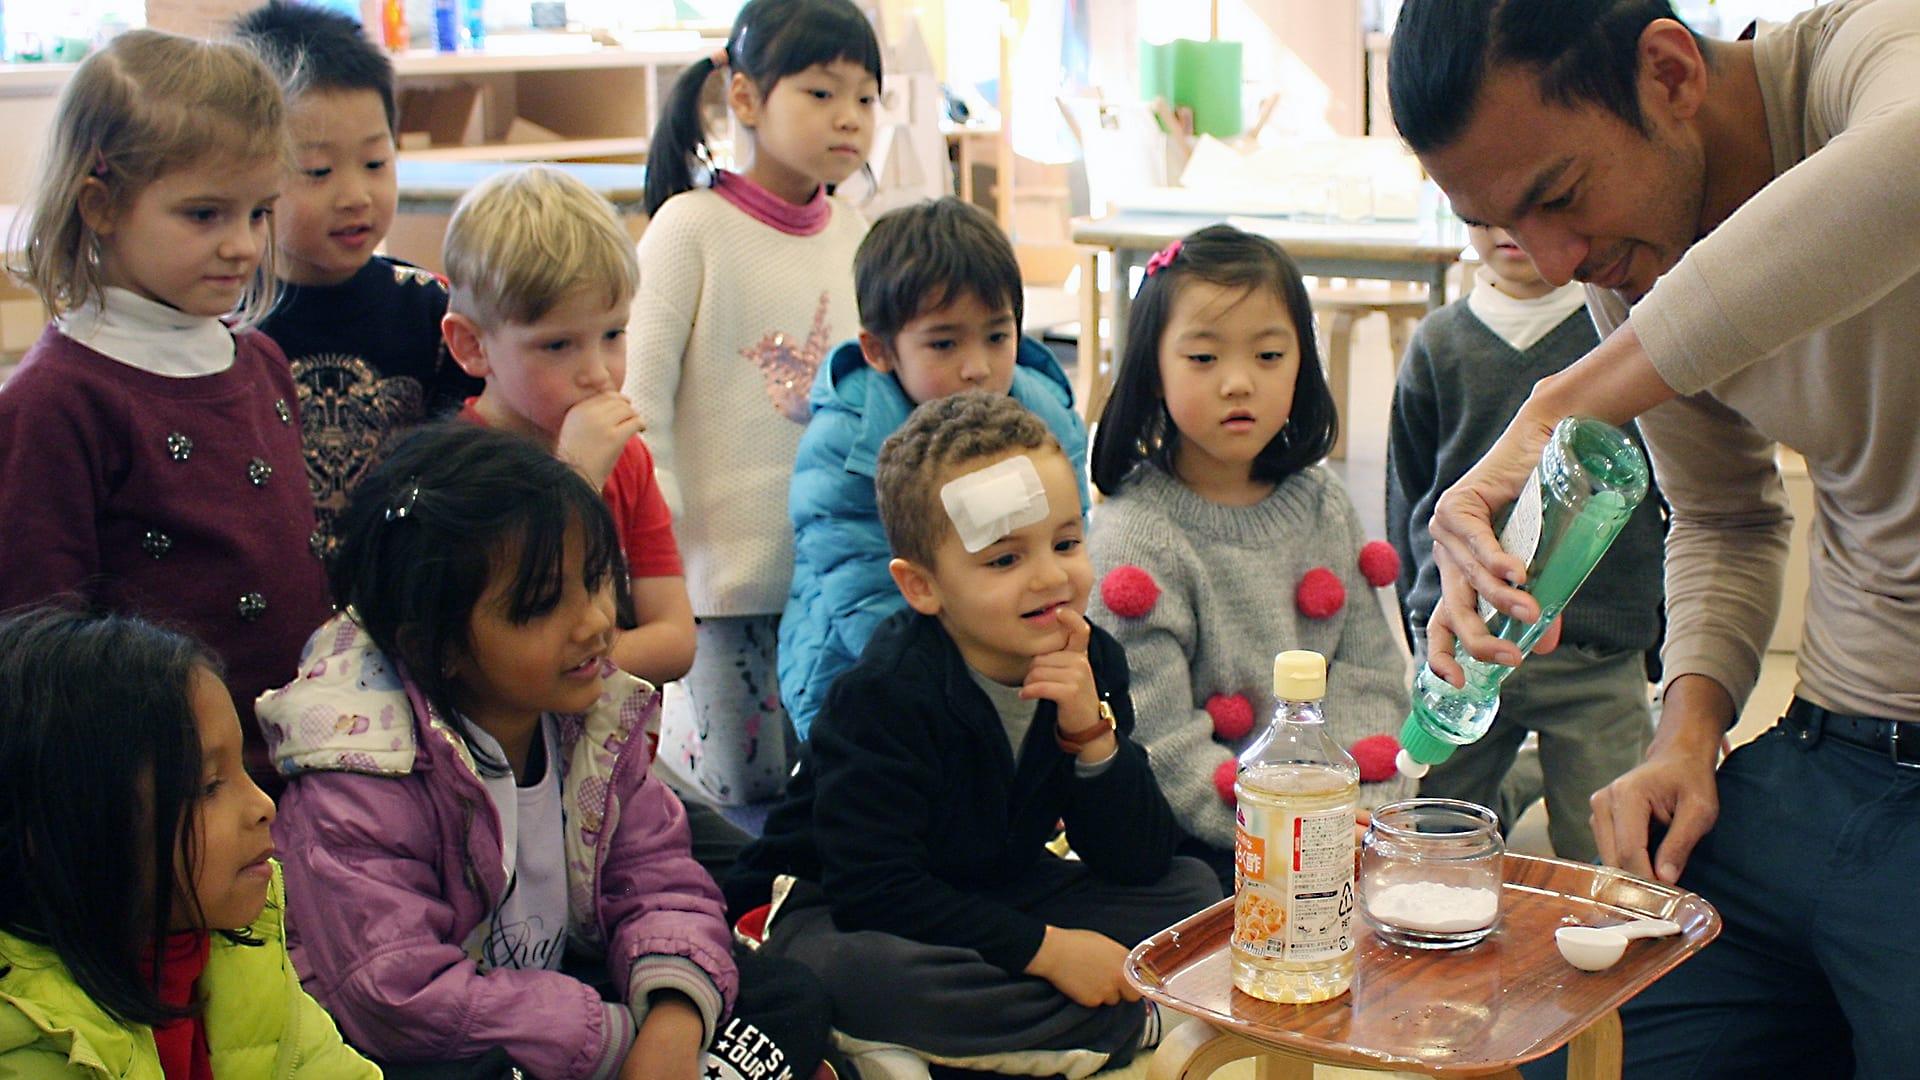 School nagoya international